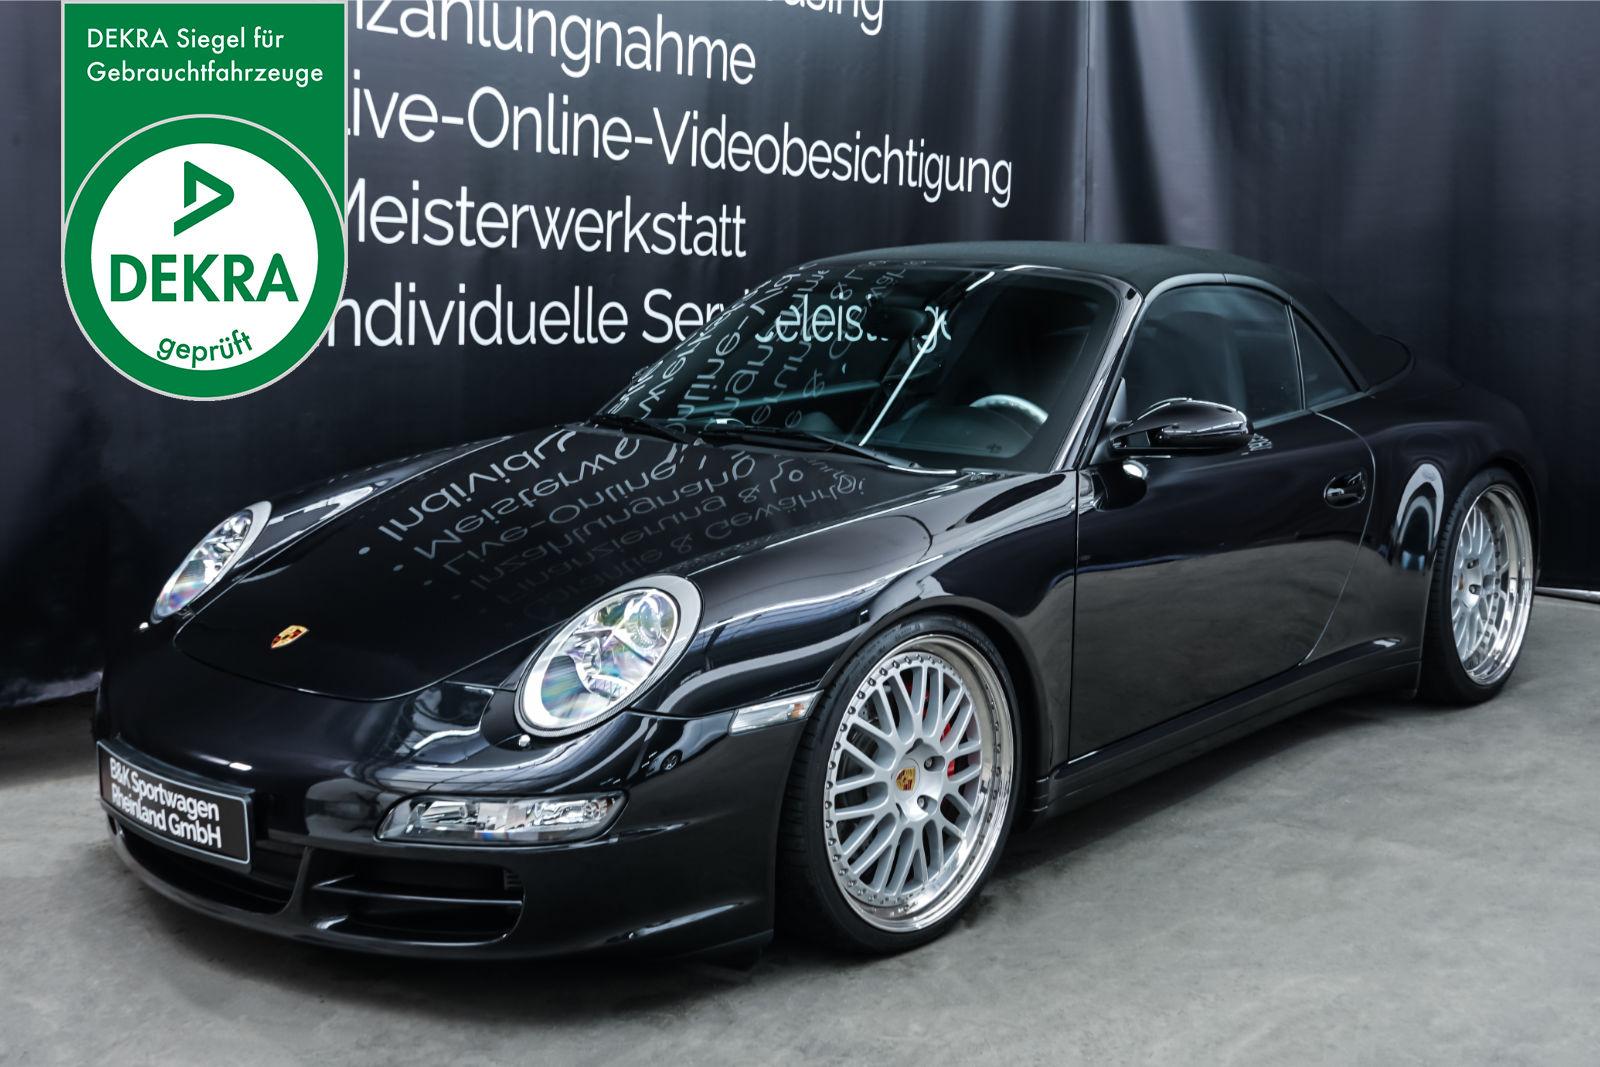 Porsche_997_Carrera4S_Schwarz_Schwarz_POR-1236_Plakette_w